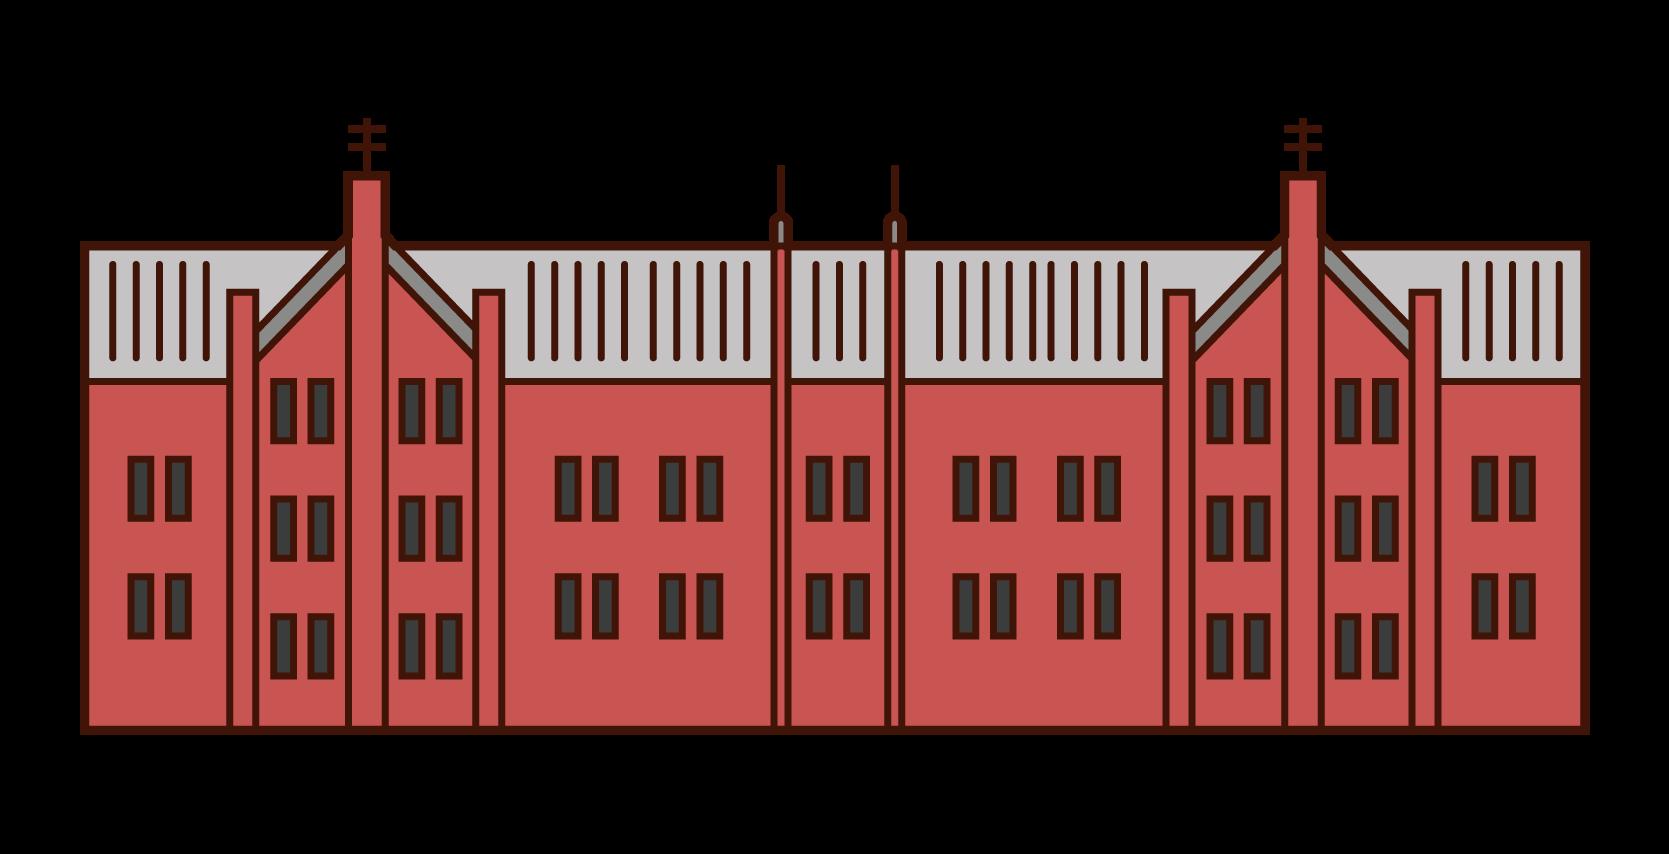 赤レンガ倉庫のイラスト